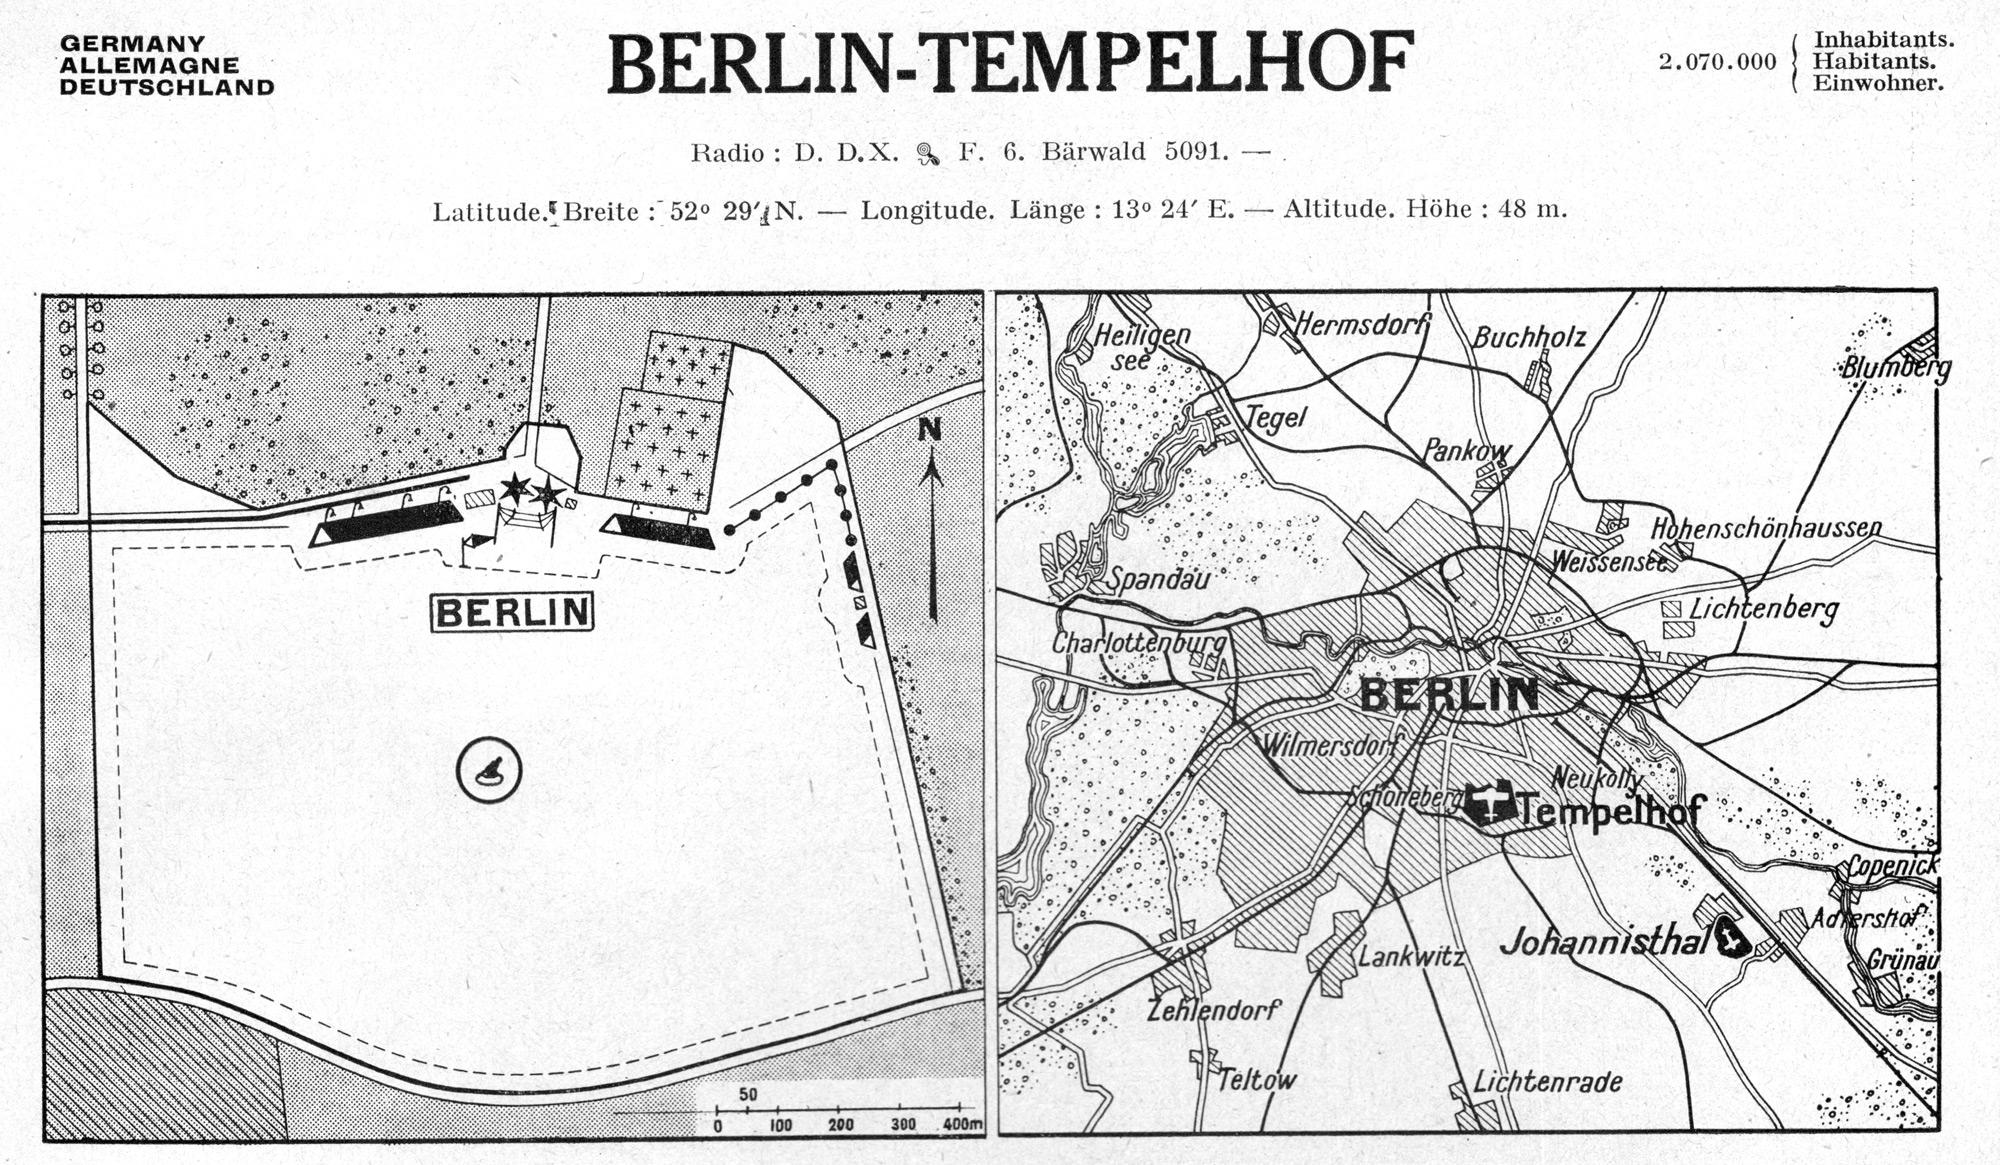 Karte Berlin-Tempelhof